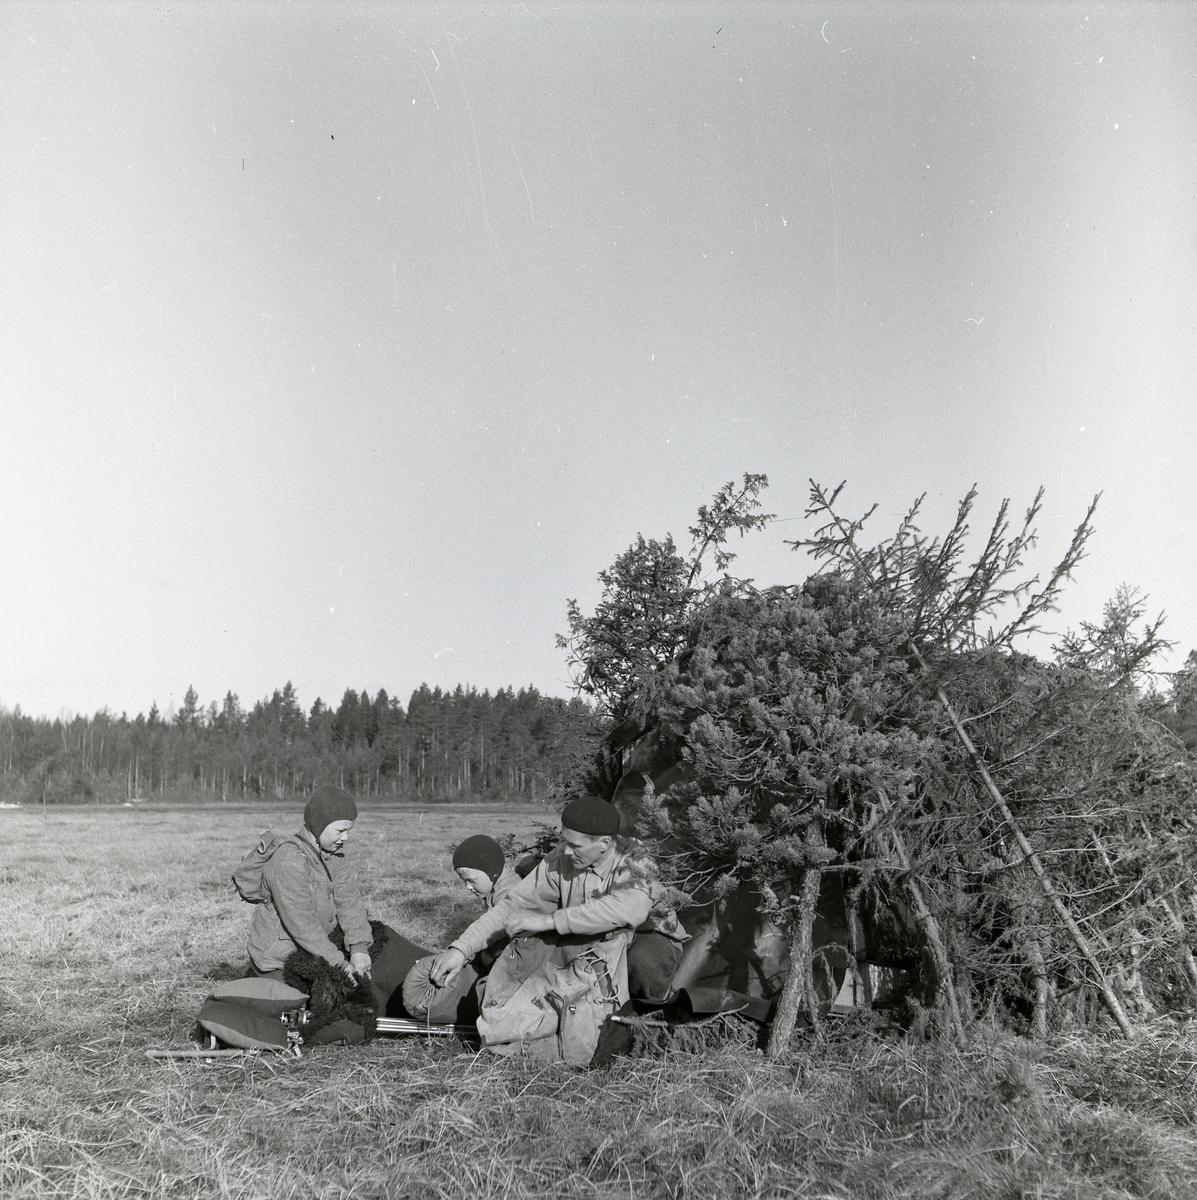 Under påsken 1954 är Hilding Mickelsson på utflykt med sina söner vid Degelmyren i Rengsjö. På ett öppet fält sitter Hilding och pojkarna vid ingången till en koja. Hilding packar ned en sovsäck i en bag och framför honom ligger kuddar och filtar. I bakgrunden syns skogen och ovanför den öppna himlen.